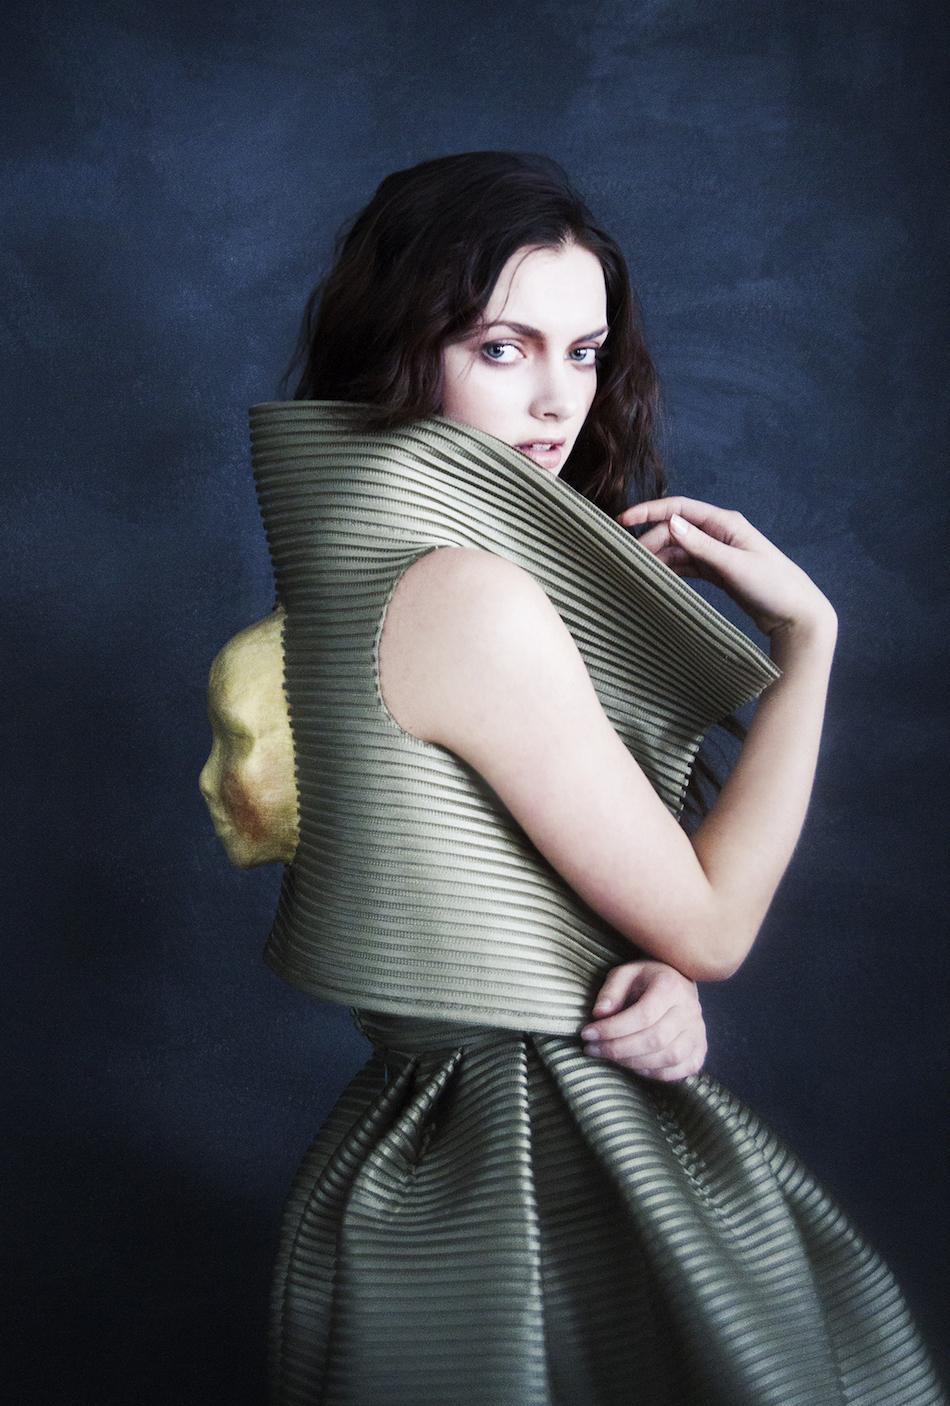 Plnty_Fashionlove_Foto_AnnHelenNannesad_02